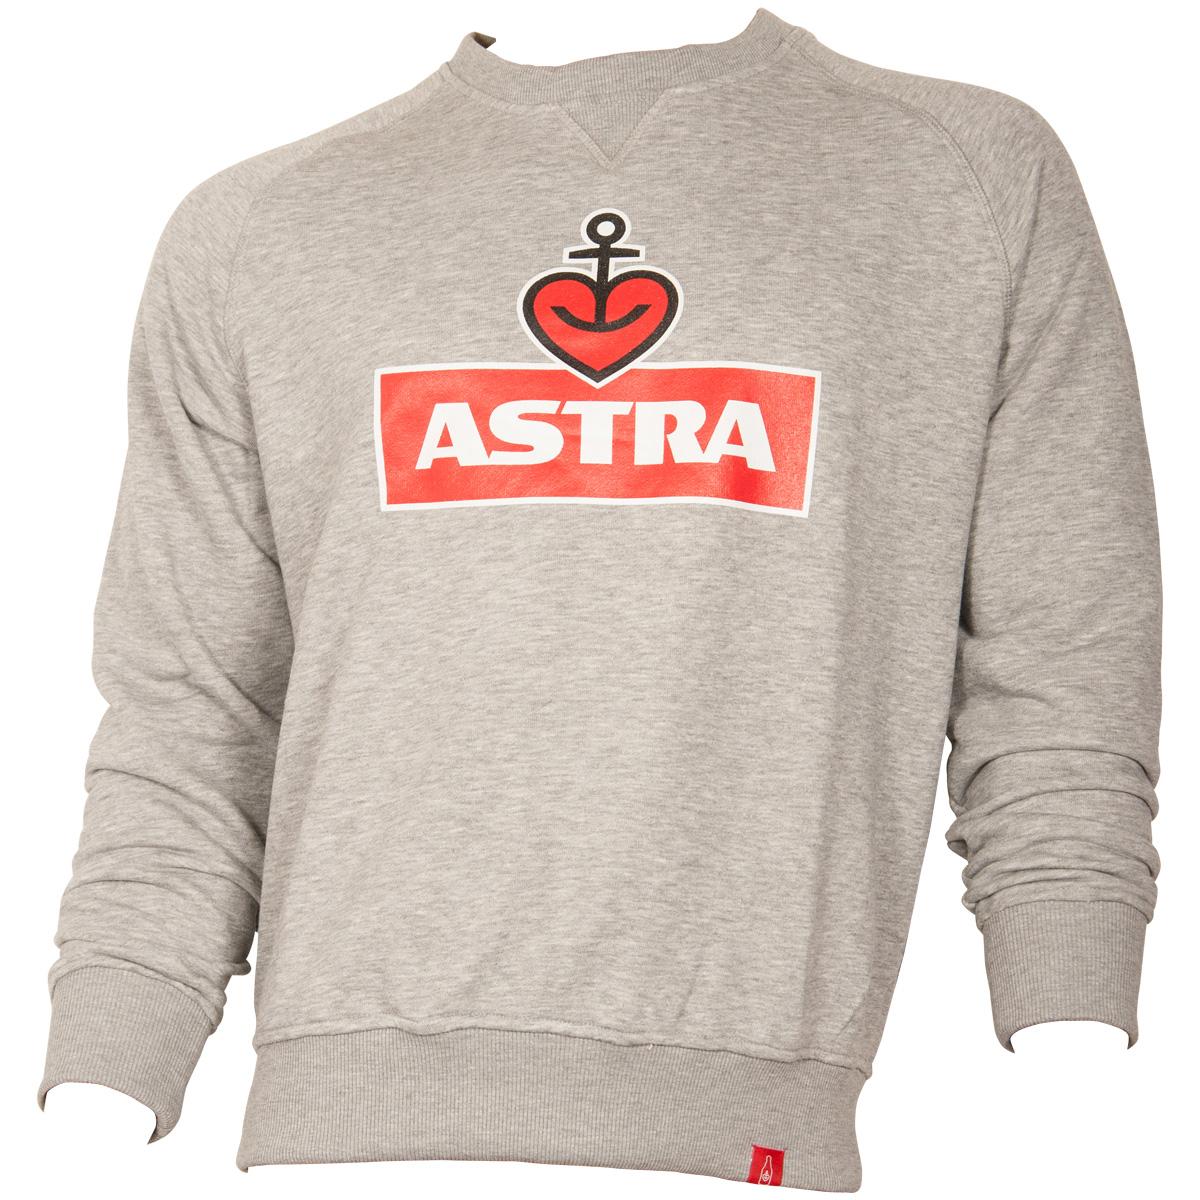 Astra - Sweatshirt Logo - grau